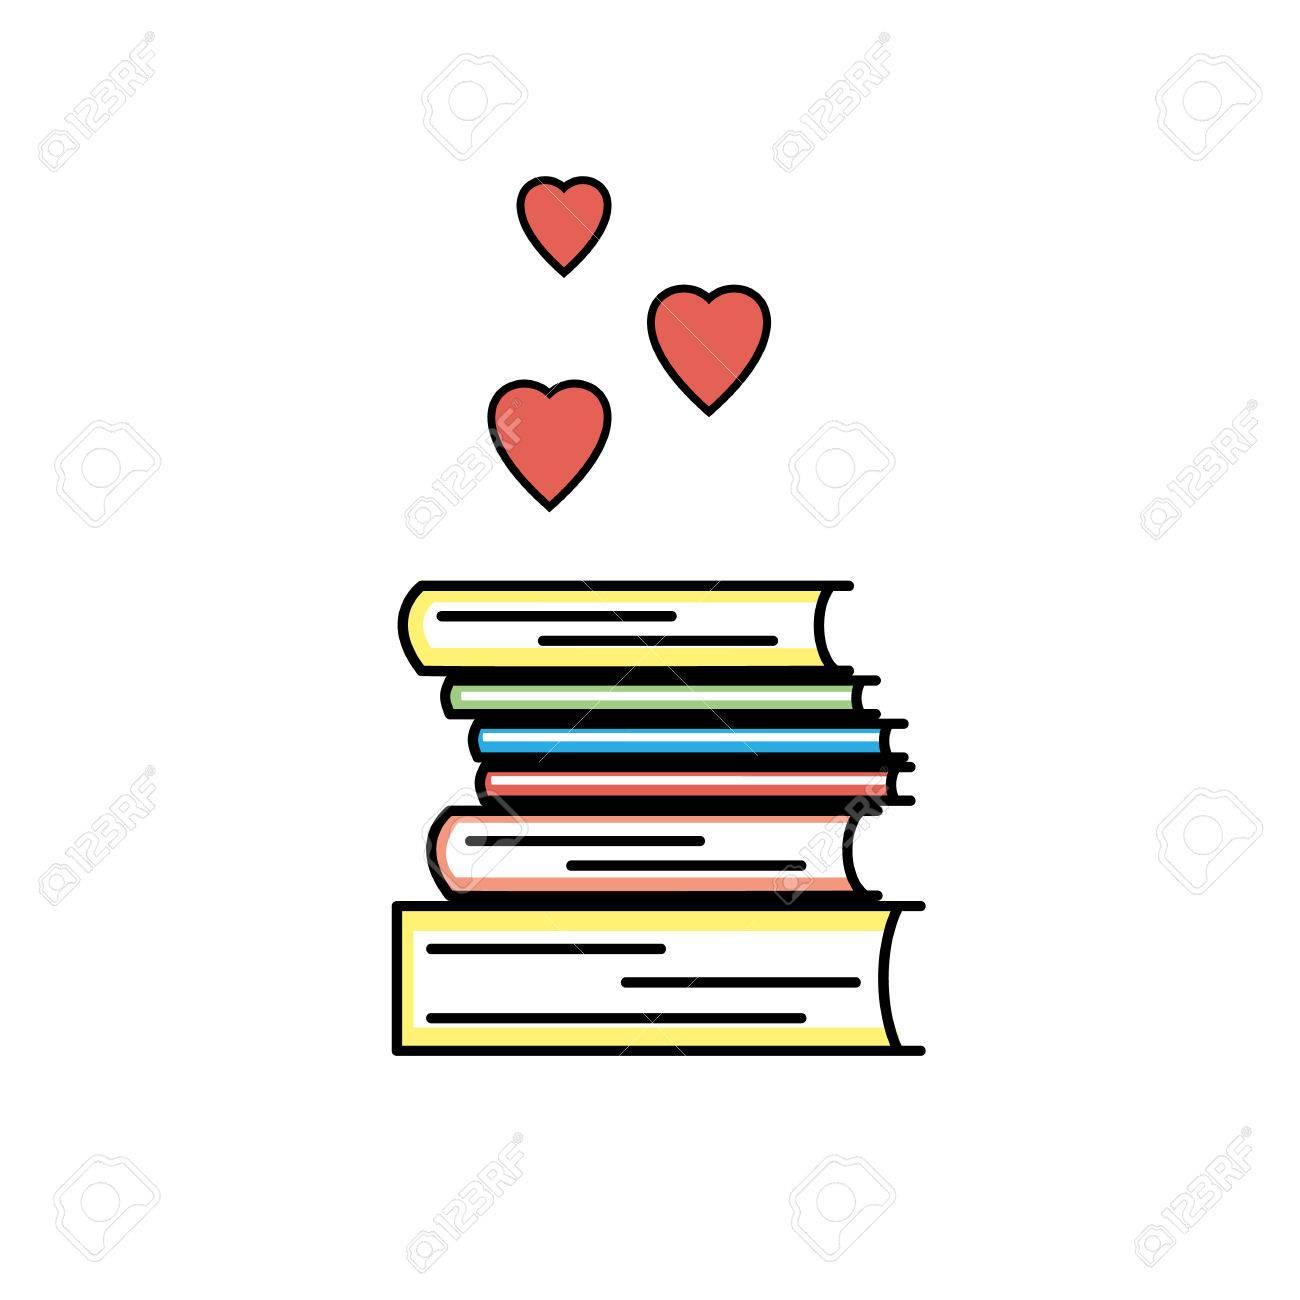 Icone D Amour Livre Couleur Isole Signe Lineaire Nous Aimons Les Symboles De Livres Pour Les Magasins Les Bibliotheques Et Les Collections J Aime